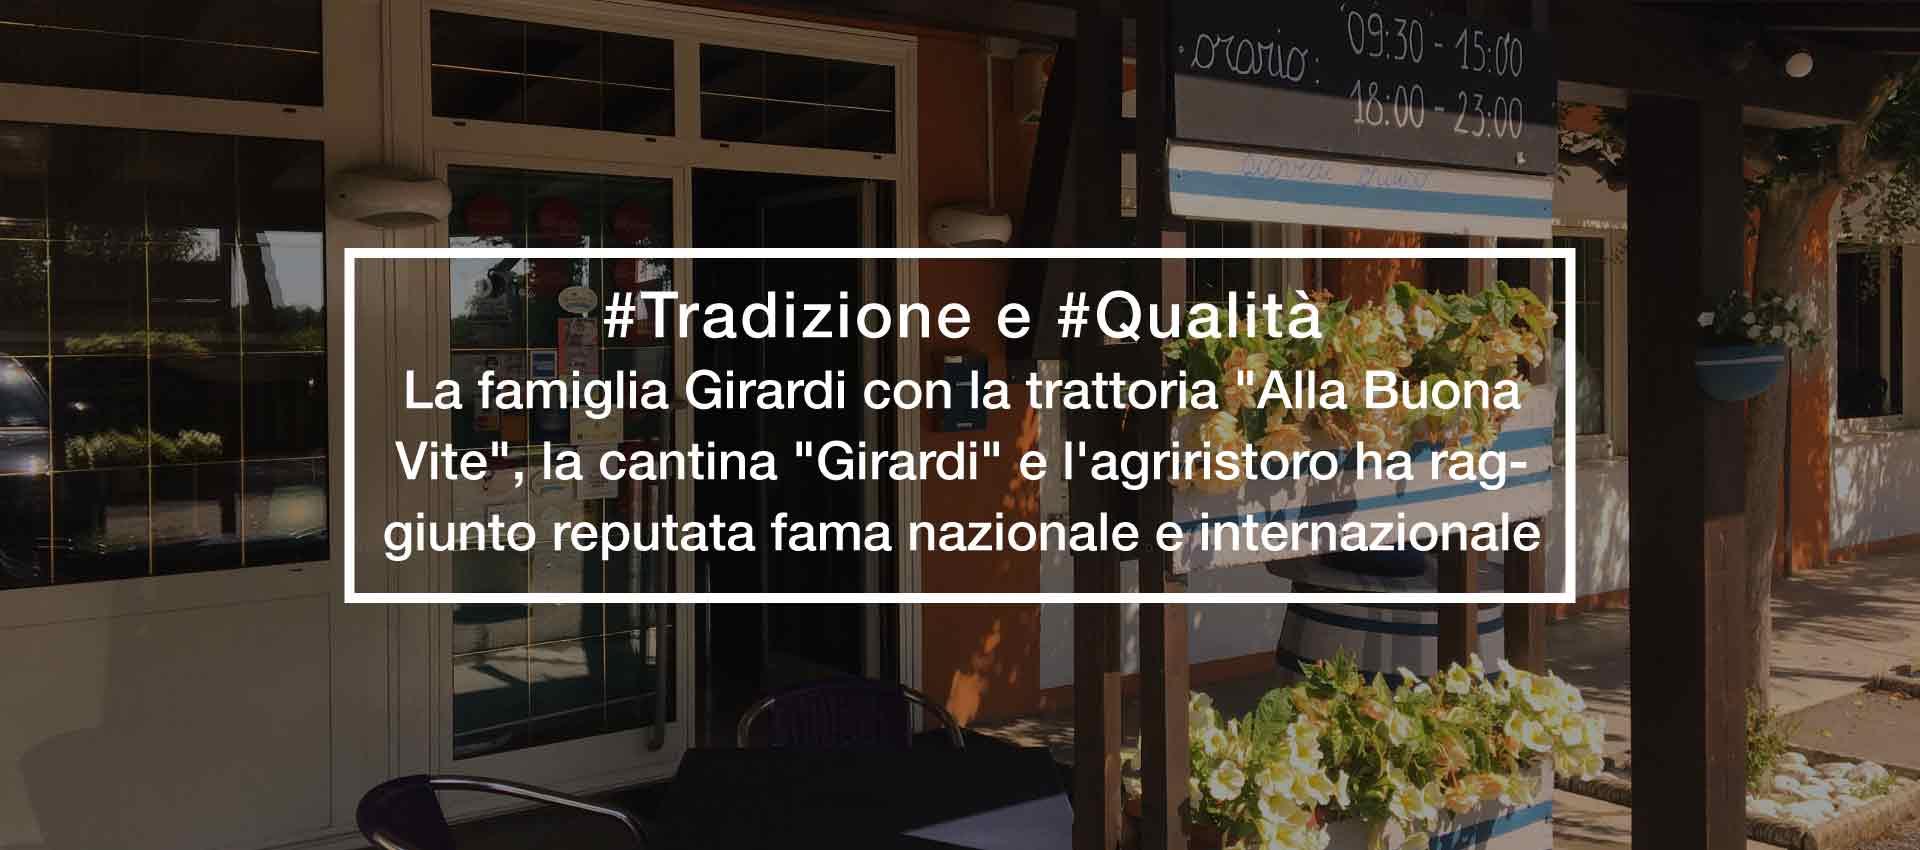 famiglia-girardi-tradizione-e-qualita-a-Grado-e-Aquileia